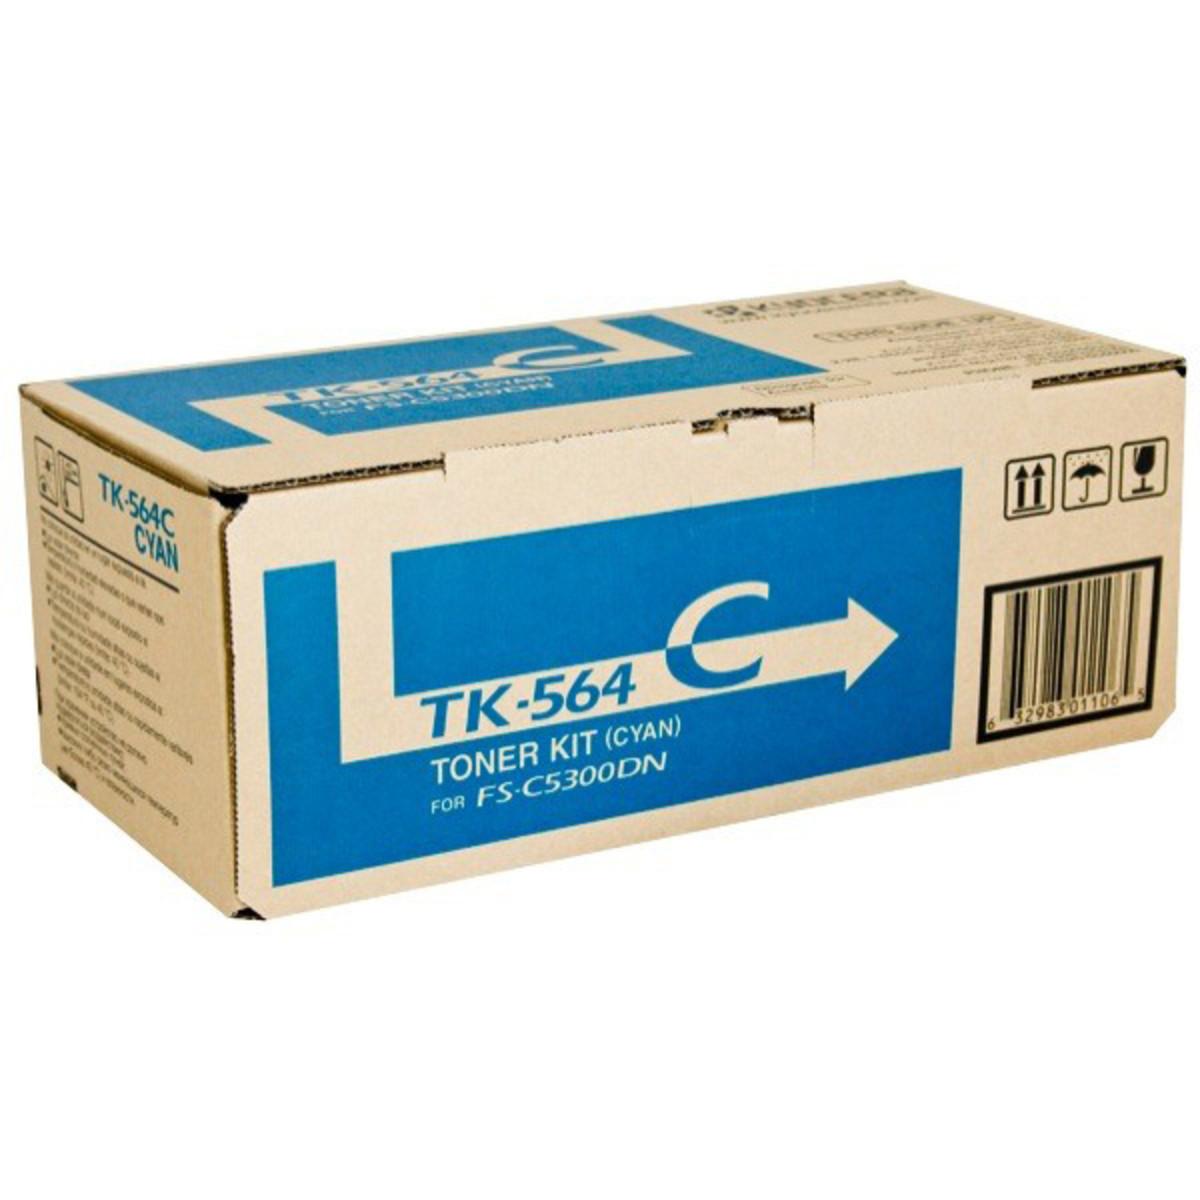 Kyocera TK-564C Cyan Toner Cartridge